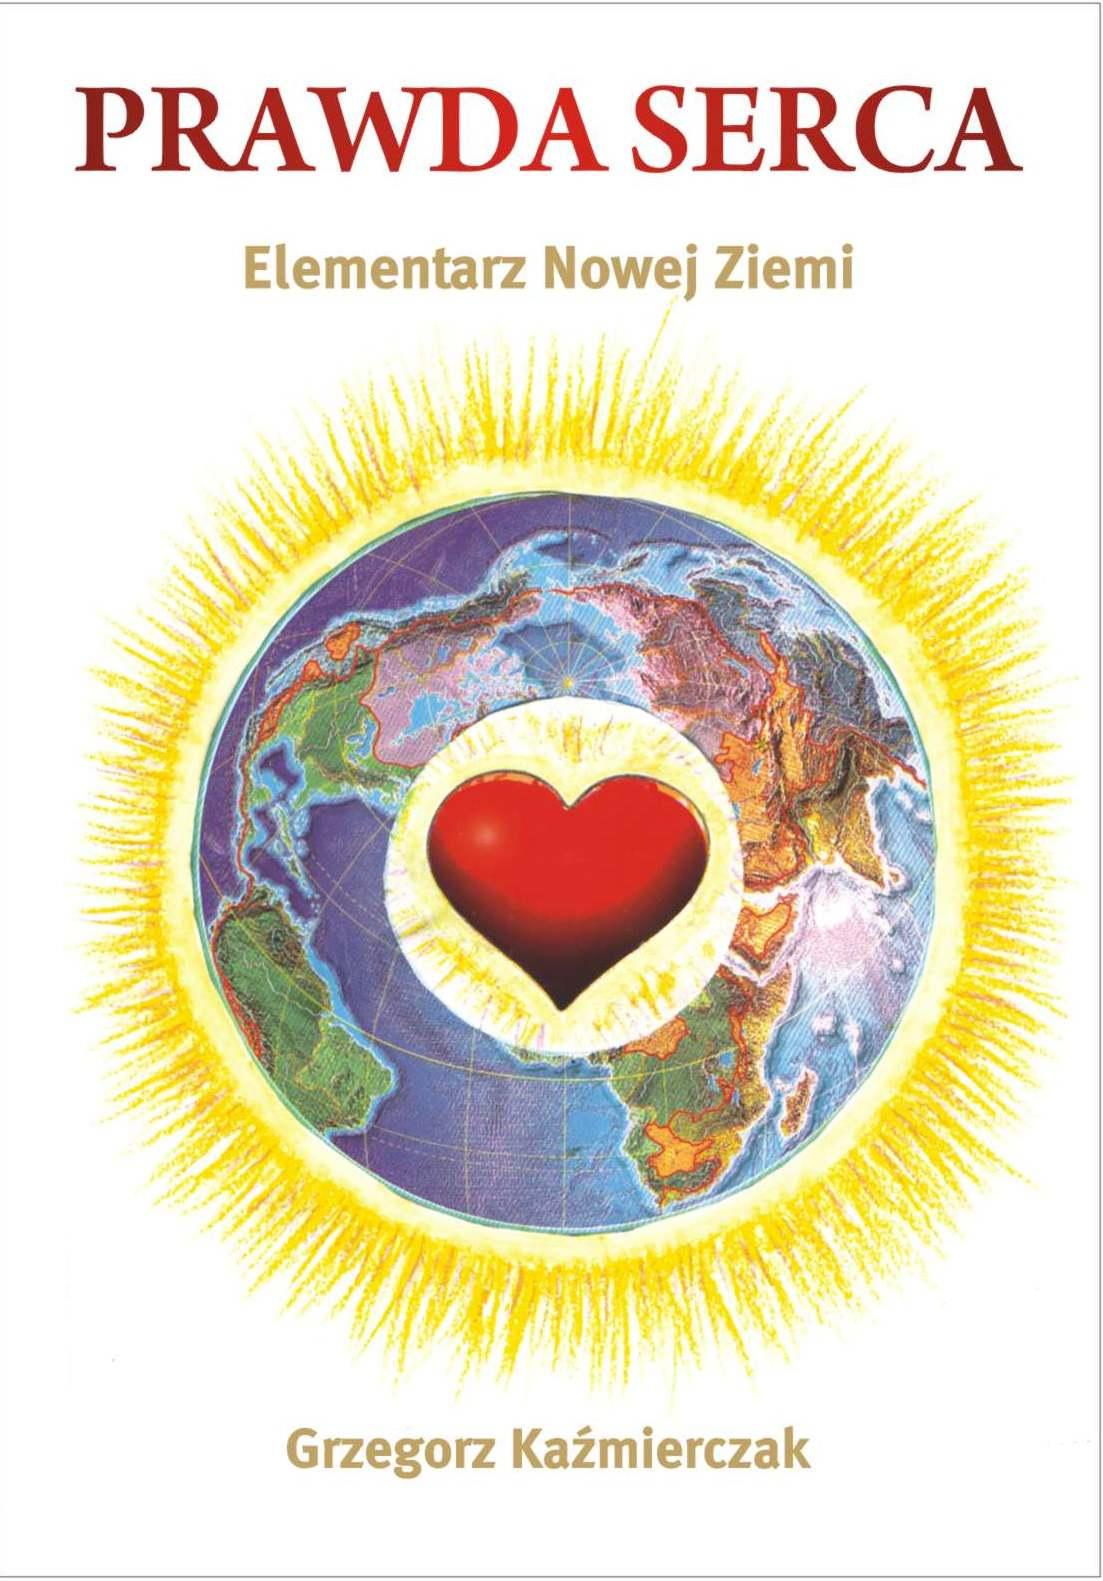 Prawda serca. Elementarz Nowej Ziemi - Ebook (Książka na Kindle) do pobrania w formacie MOBI